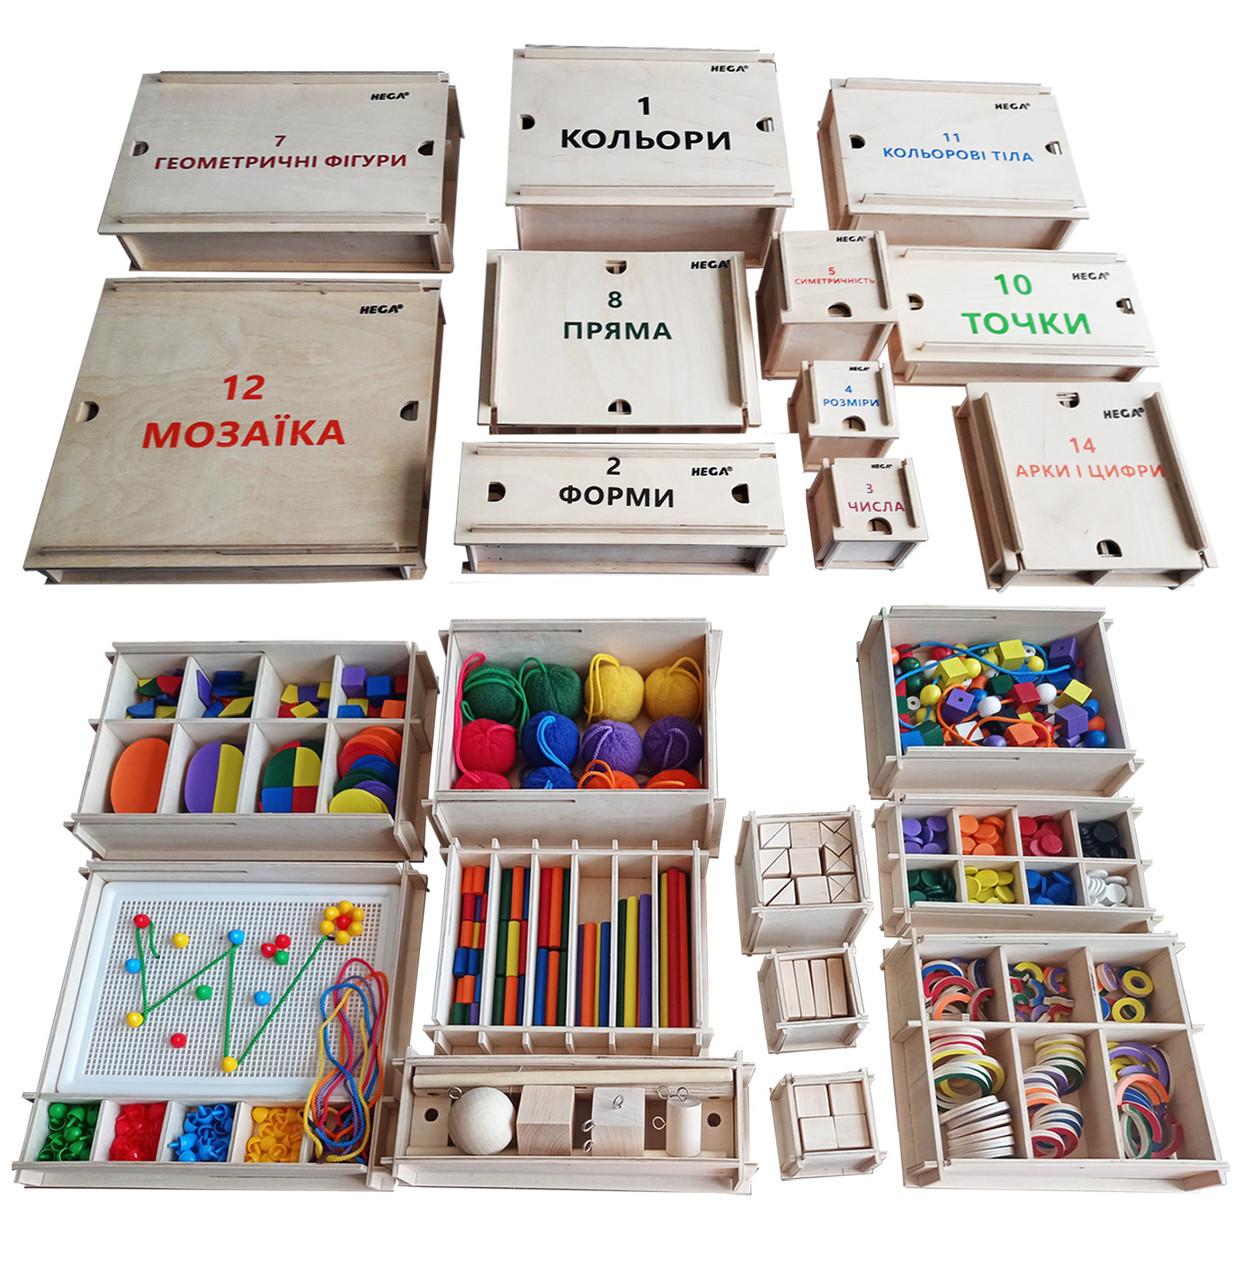 Великий дидактичний набір Фребеля Hega 11 коробок з повним методичним посібником (243-1)